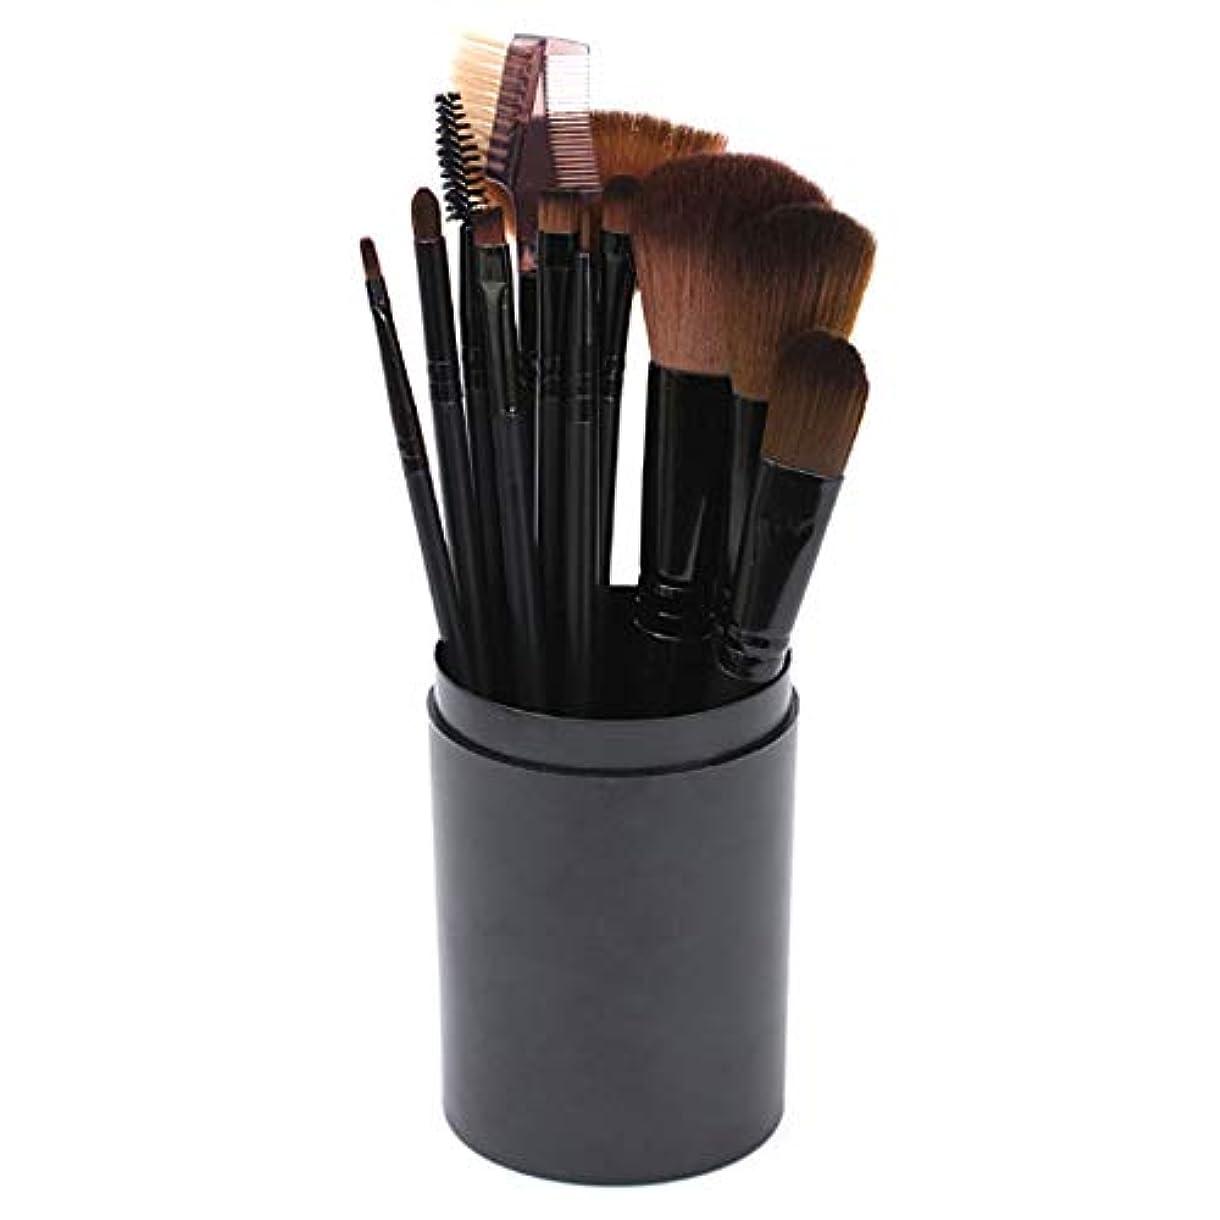 論争的調整する窒素[RADISSY] メイクブラシ 化粧筆 フェイスブラシ 12本 セット 専用 ケース 付き (ブラック)